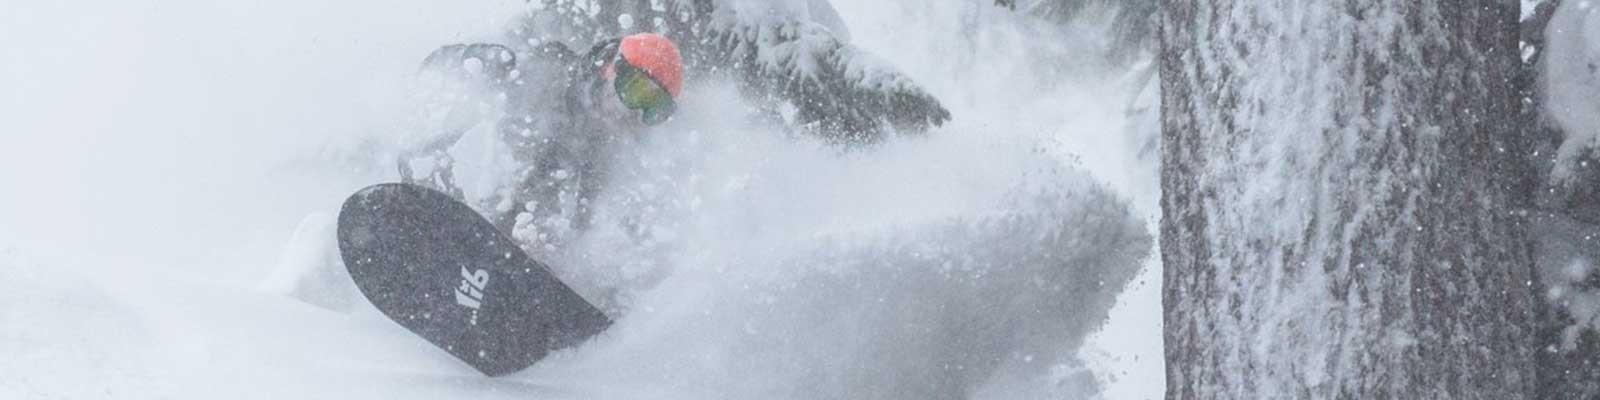 libtech snowboard